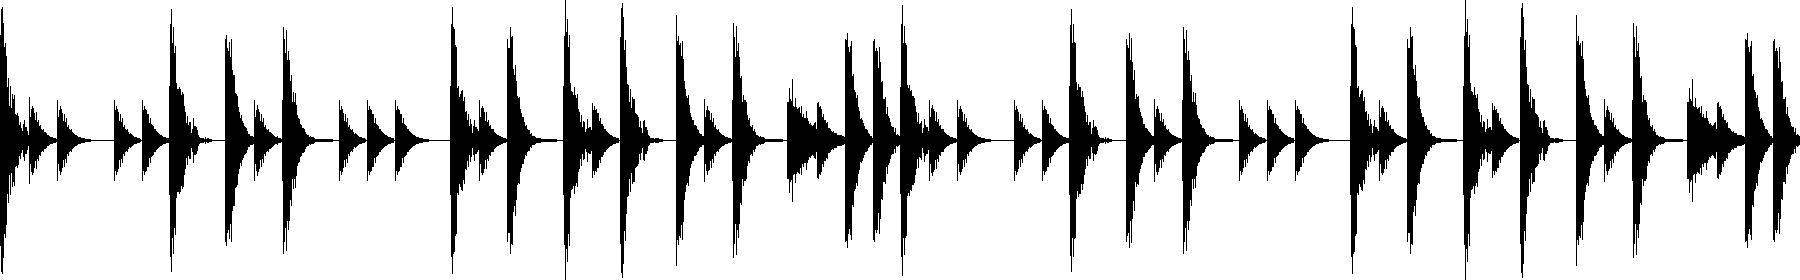 188553 120bpm drum loop wav